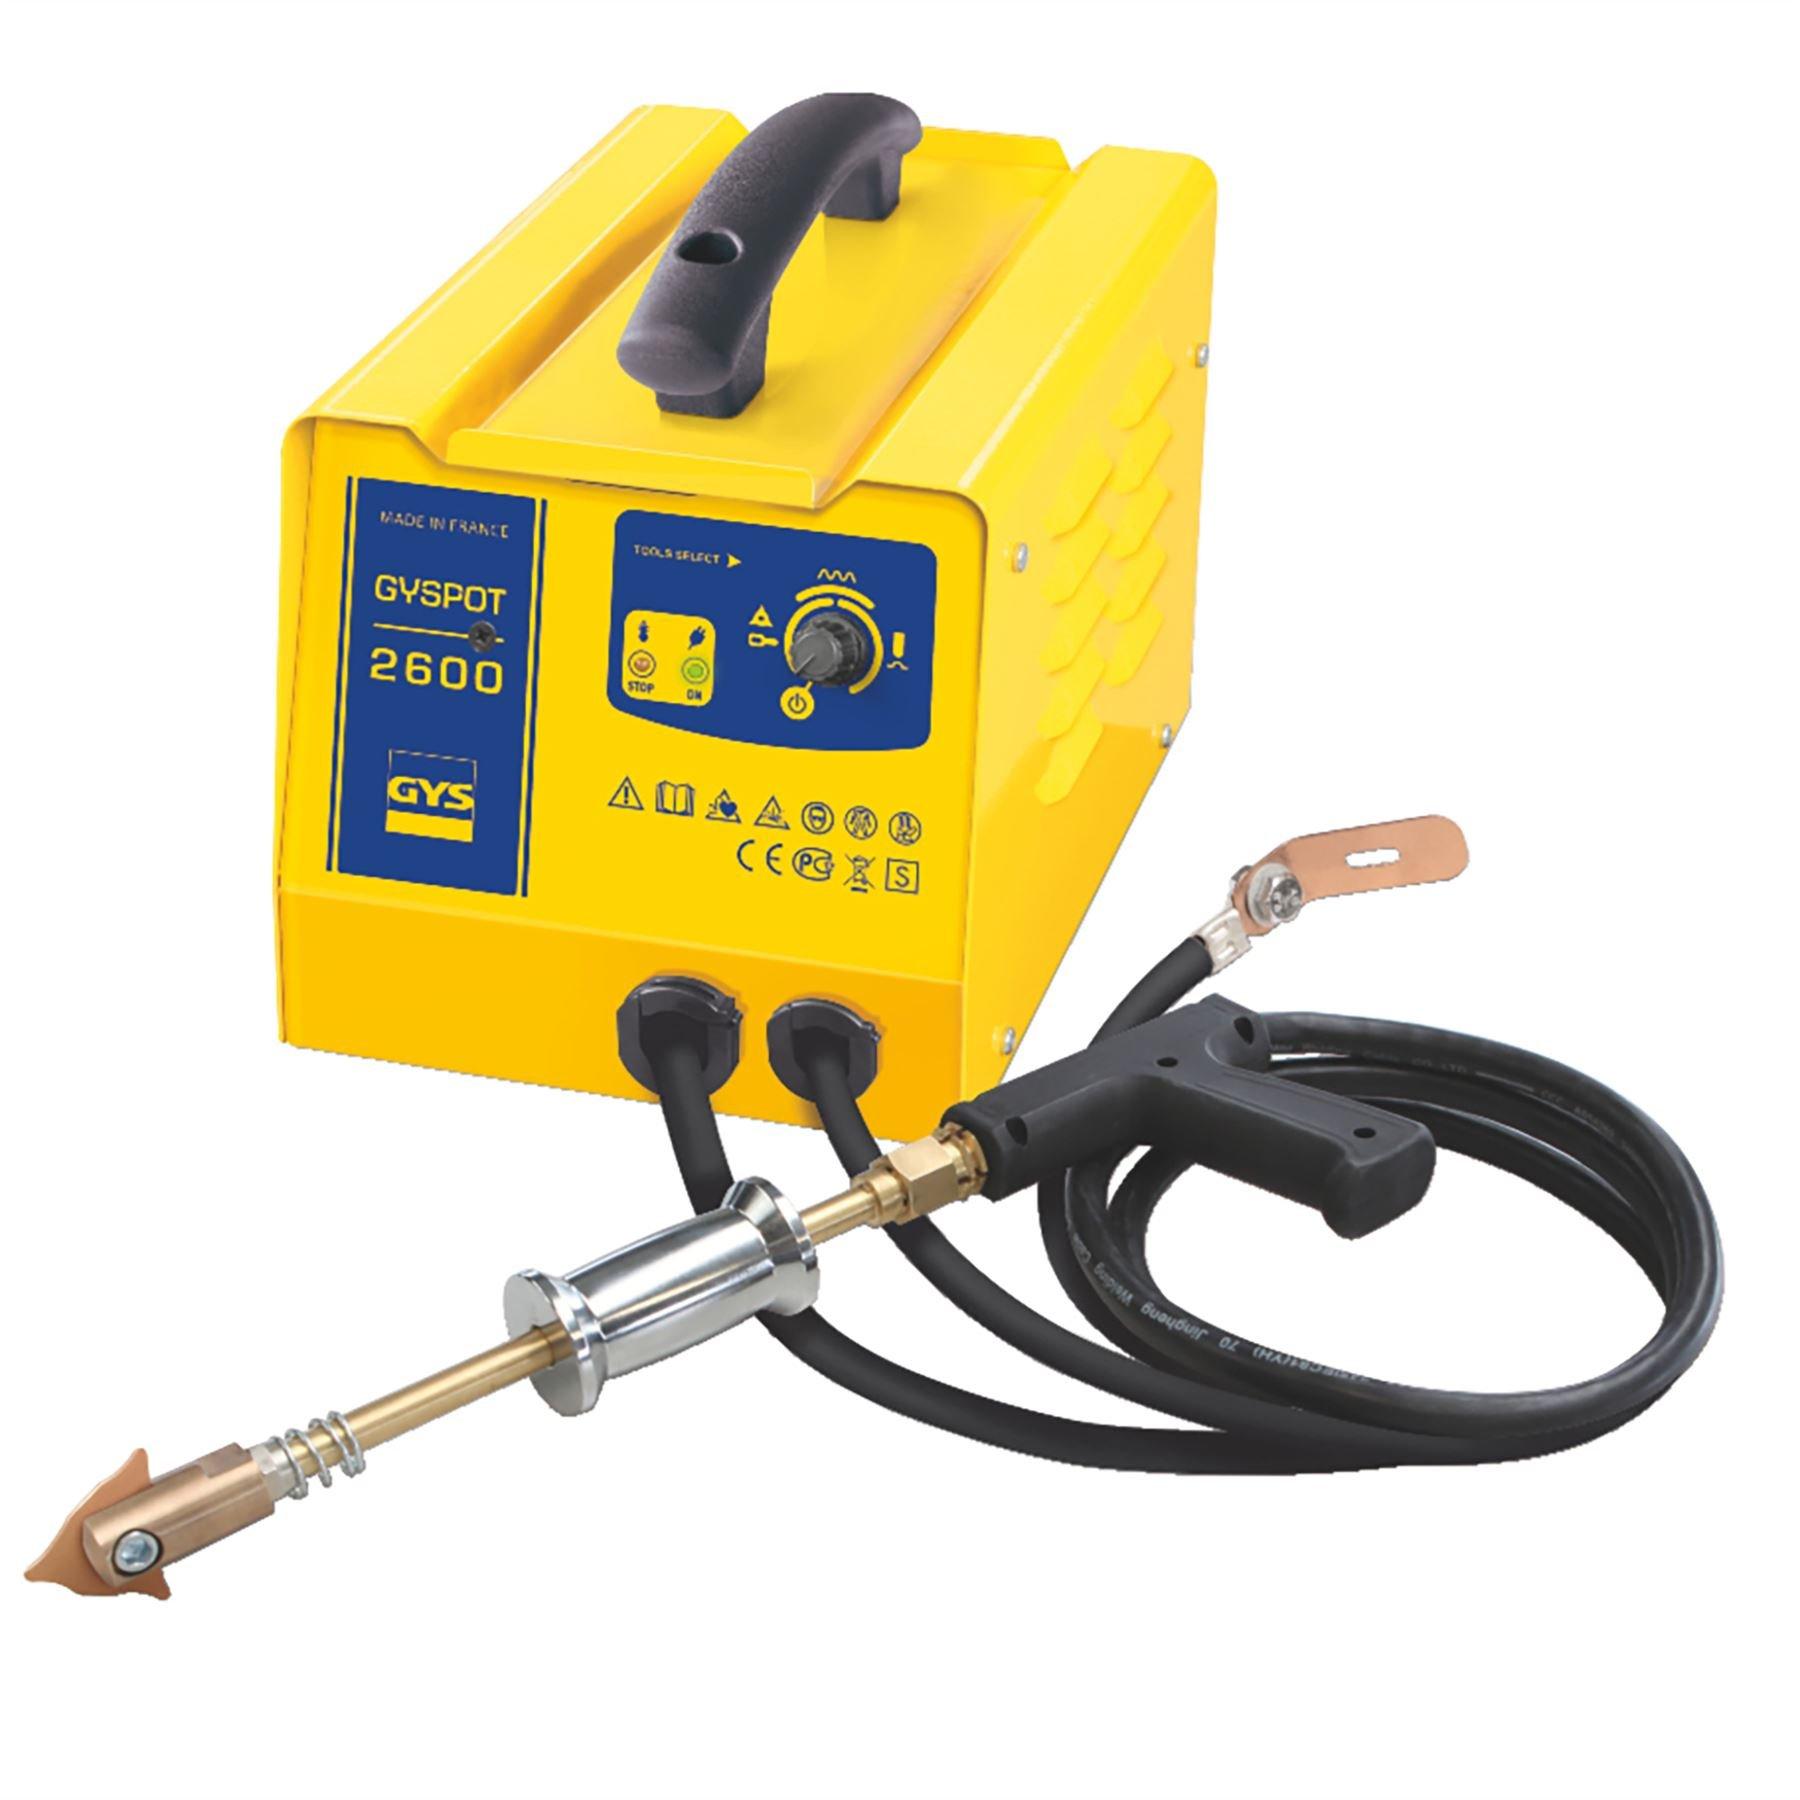 GYS GYSPOT 2600 Vehicle Panel Spot Welding MIG 2,600A 230V Puller Dent Spotter Multispot Bonnet/Door Repair 052208